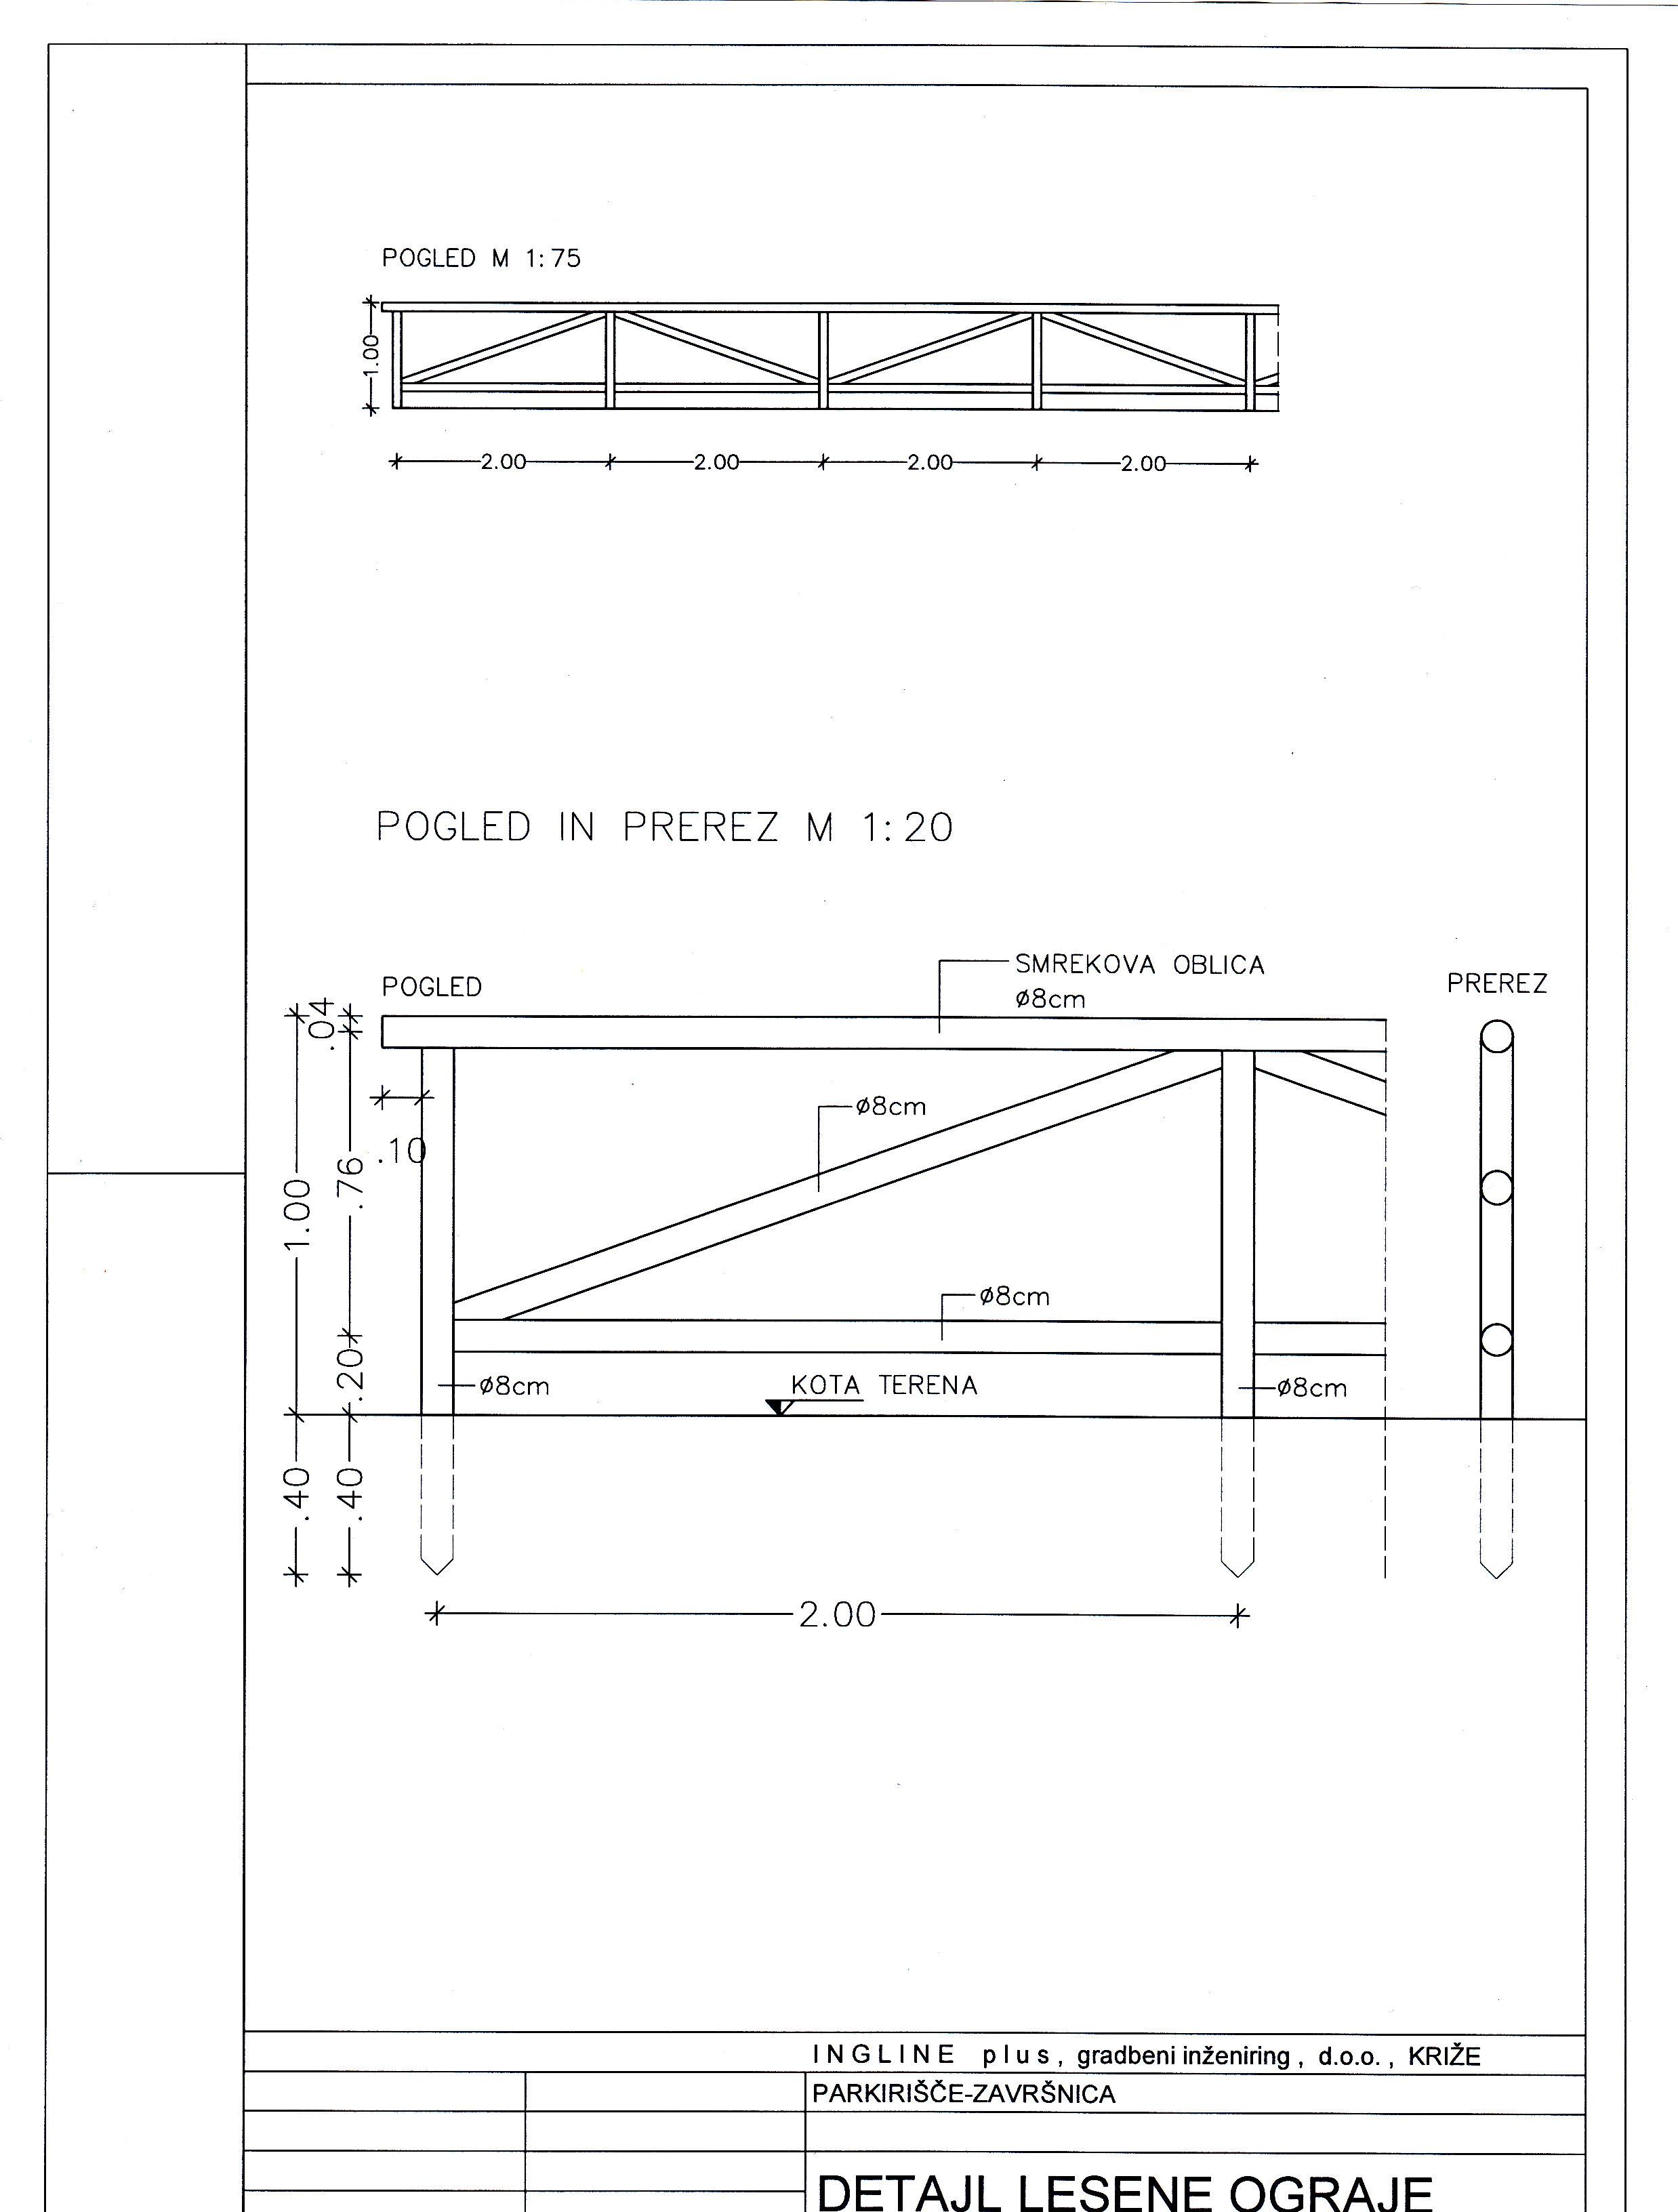 detajl lesene ograje